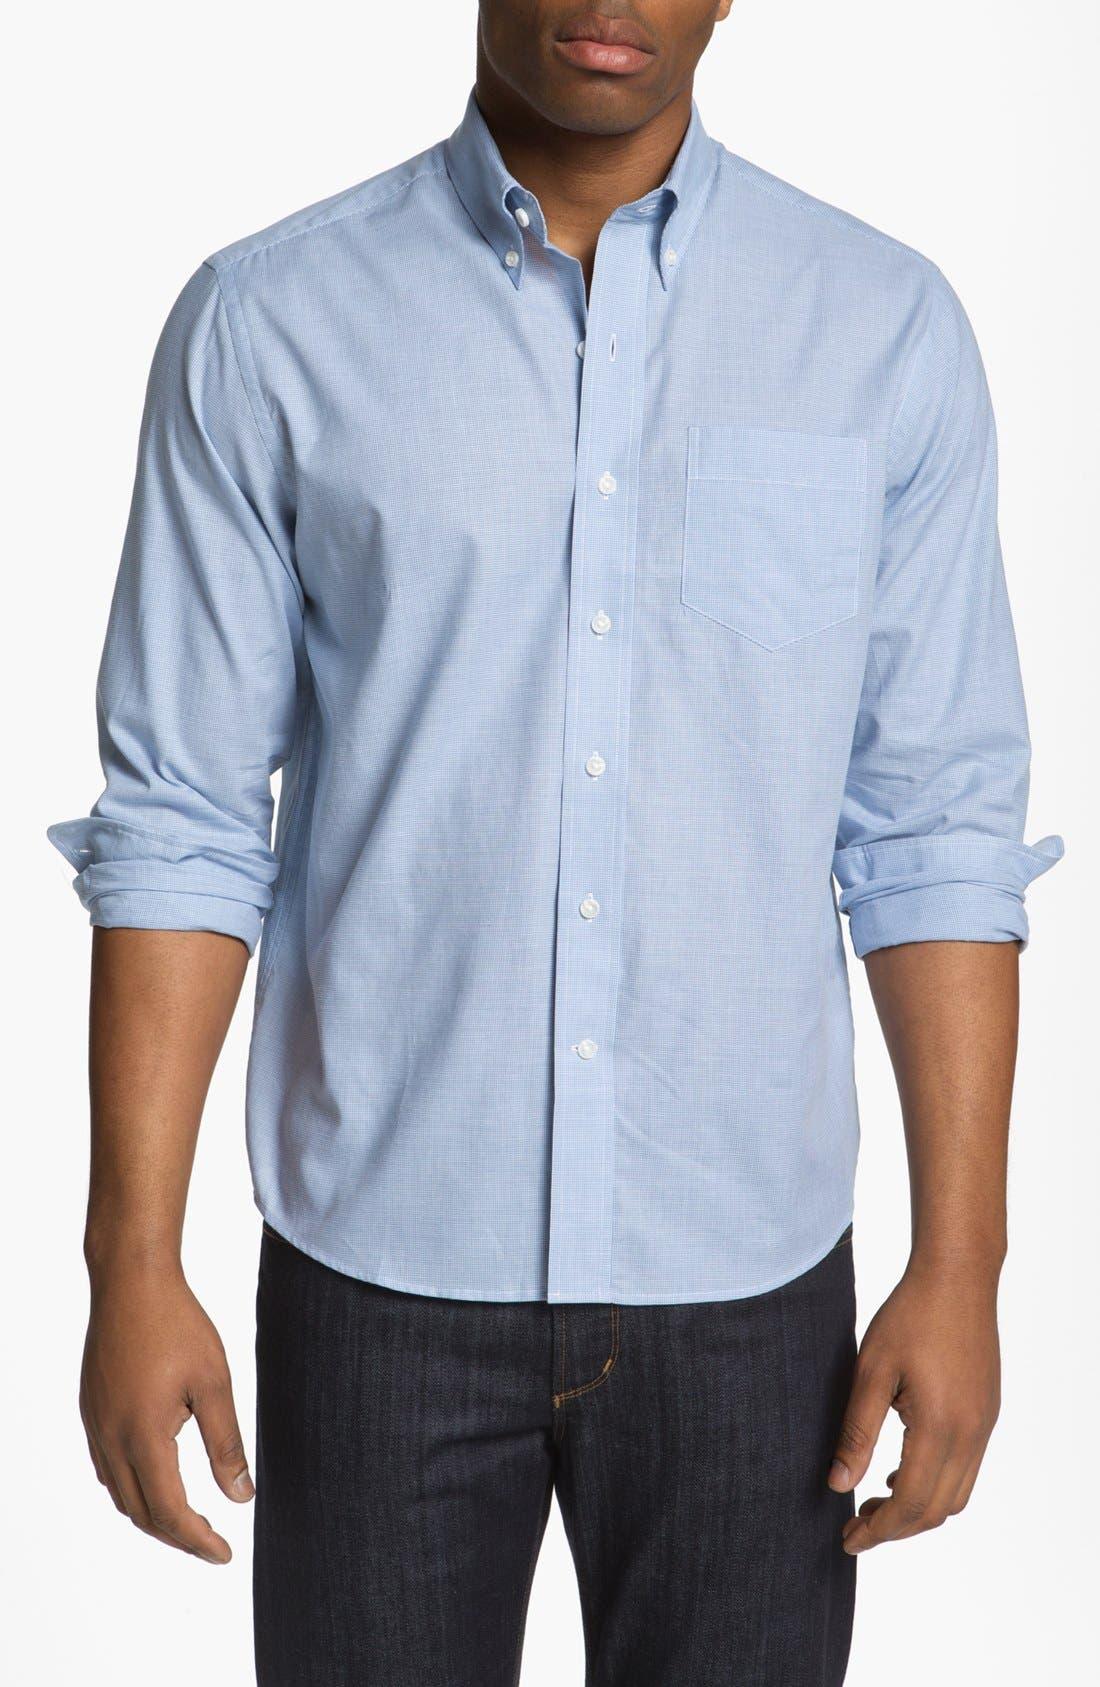 Main Image - Cutter & Buck 'Lasell' Regular Fit Sport Shirt (Big & Tall)